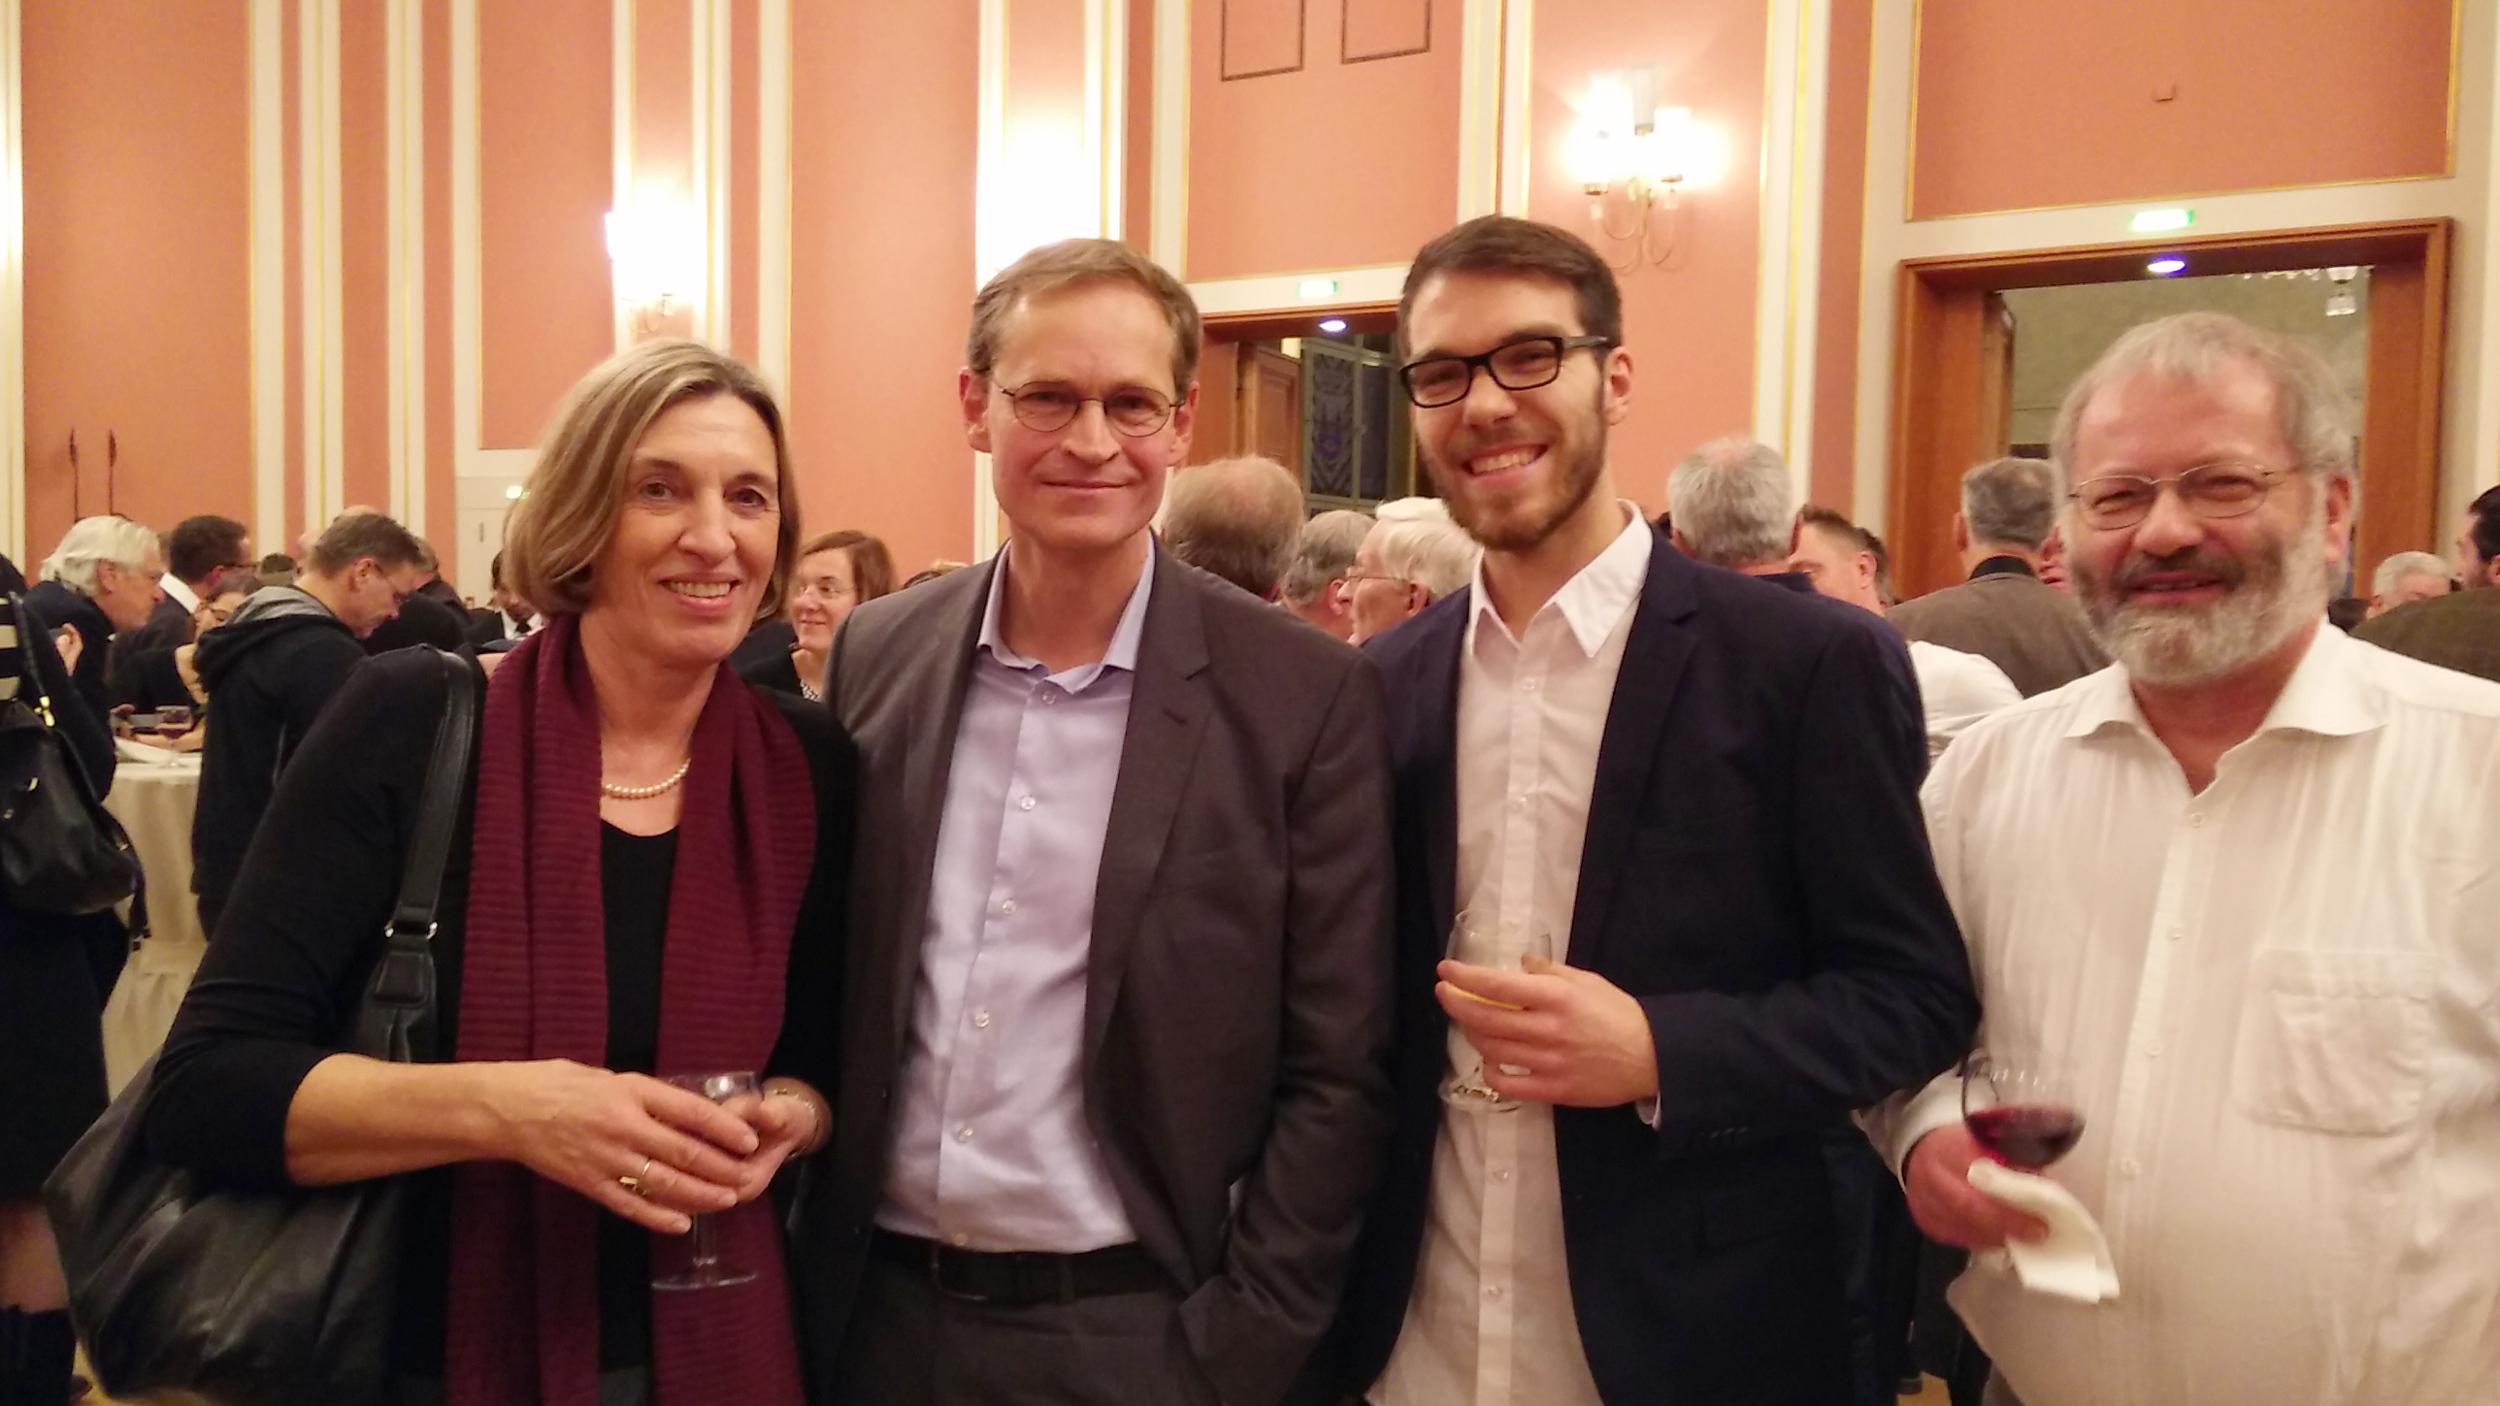 Margrit, Regierender Bürgermeister Müller, Ramon, Christian (von links)